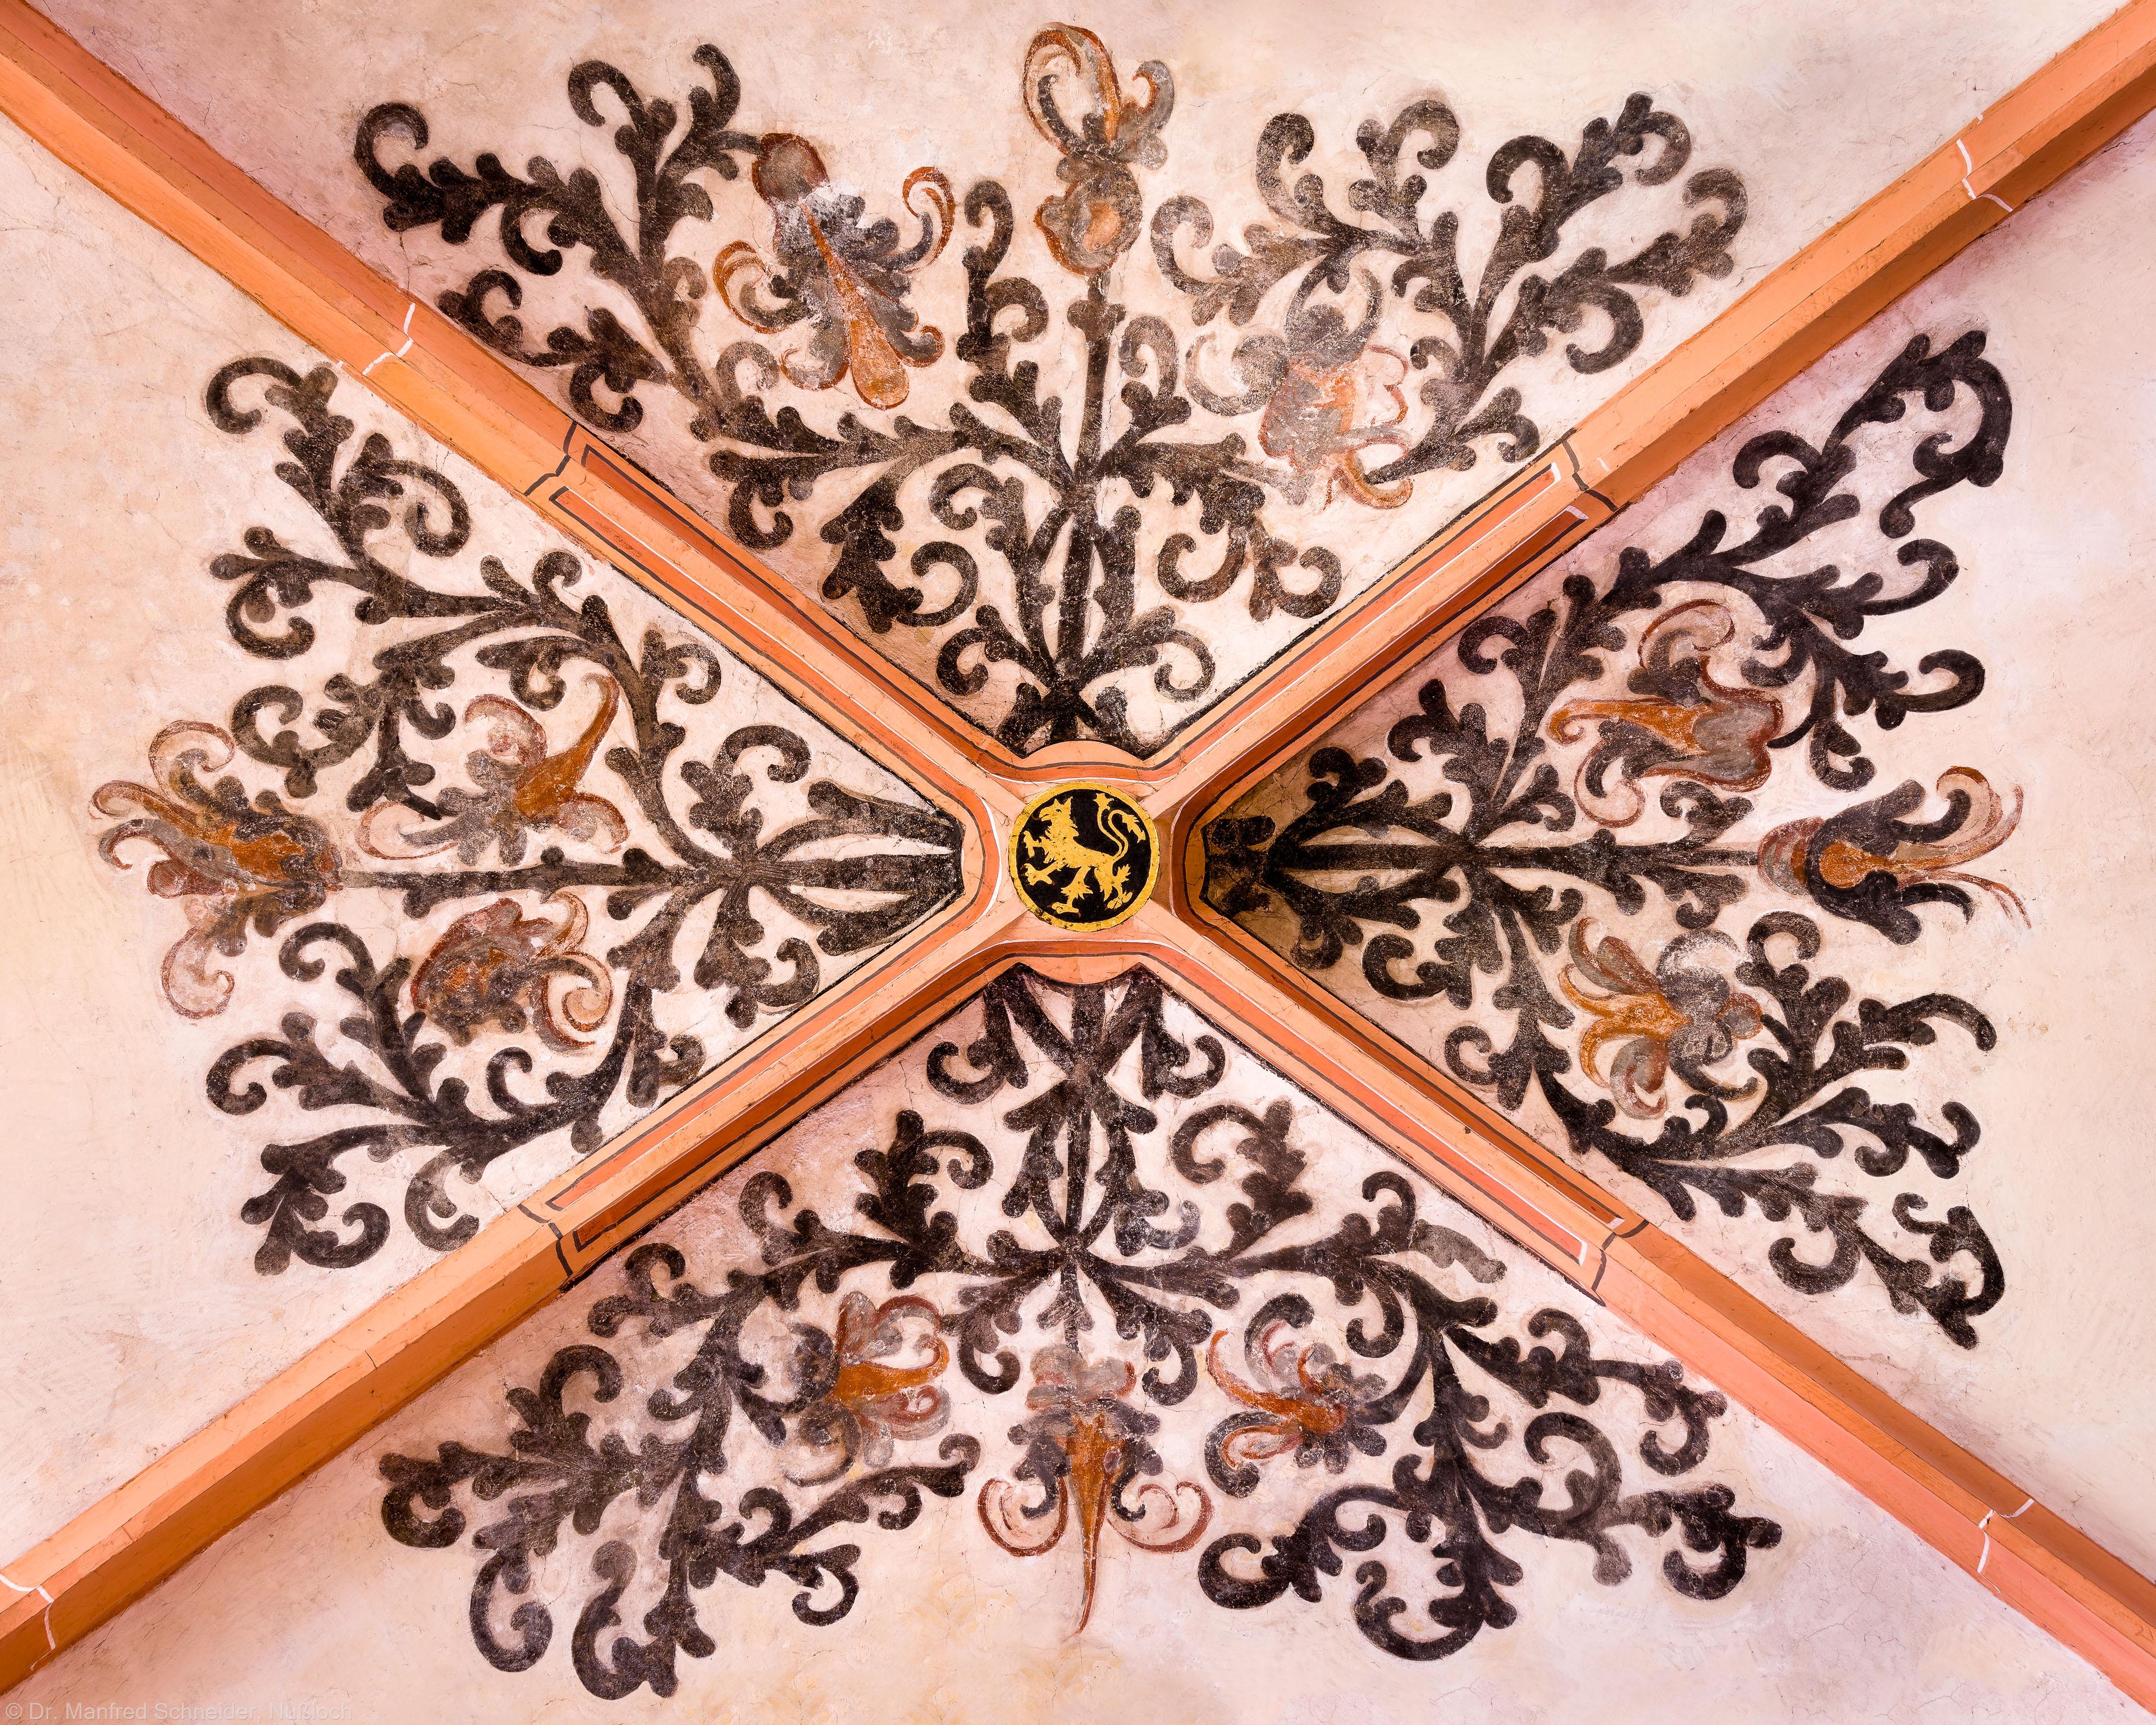 Heidelberg - Heiliggeistkirche - Südschiff - Schlußstein mit Ornament, 2. Joch, von Westen aus gezählt (aufgenommen im April 2015, am Nachmittag)